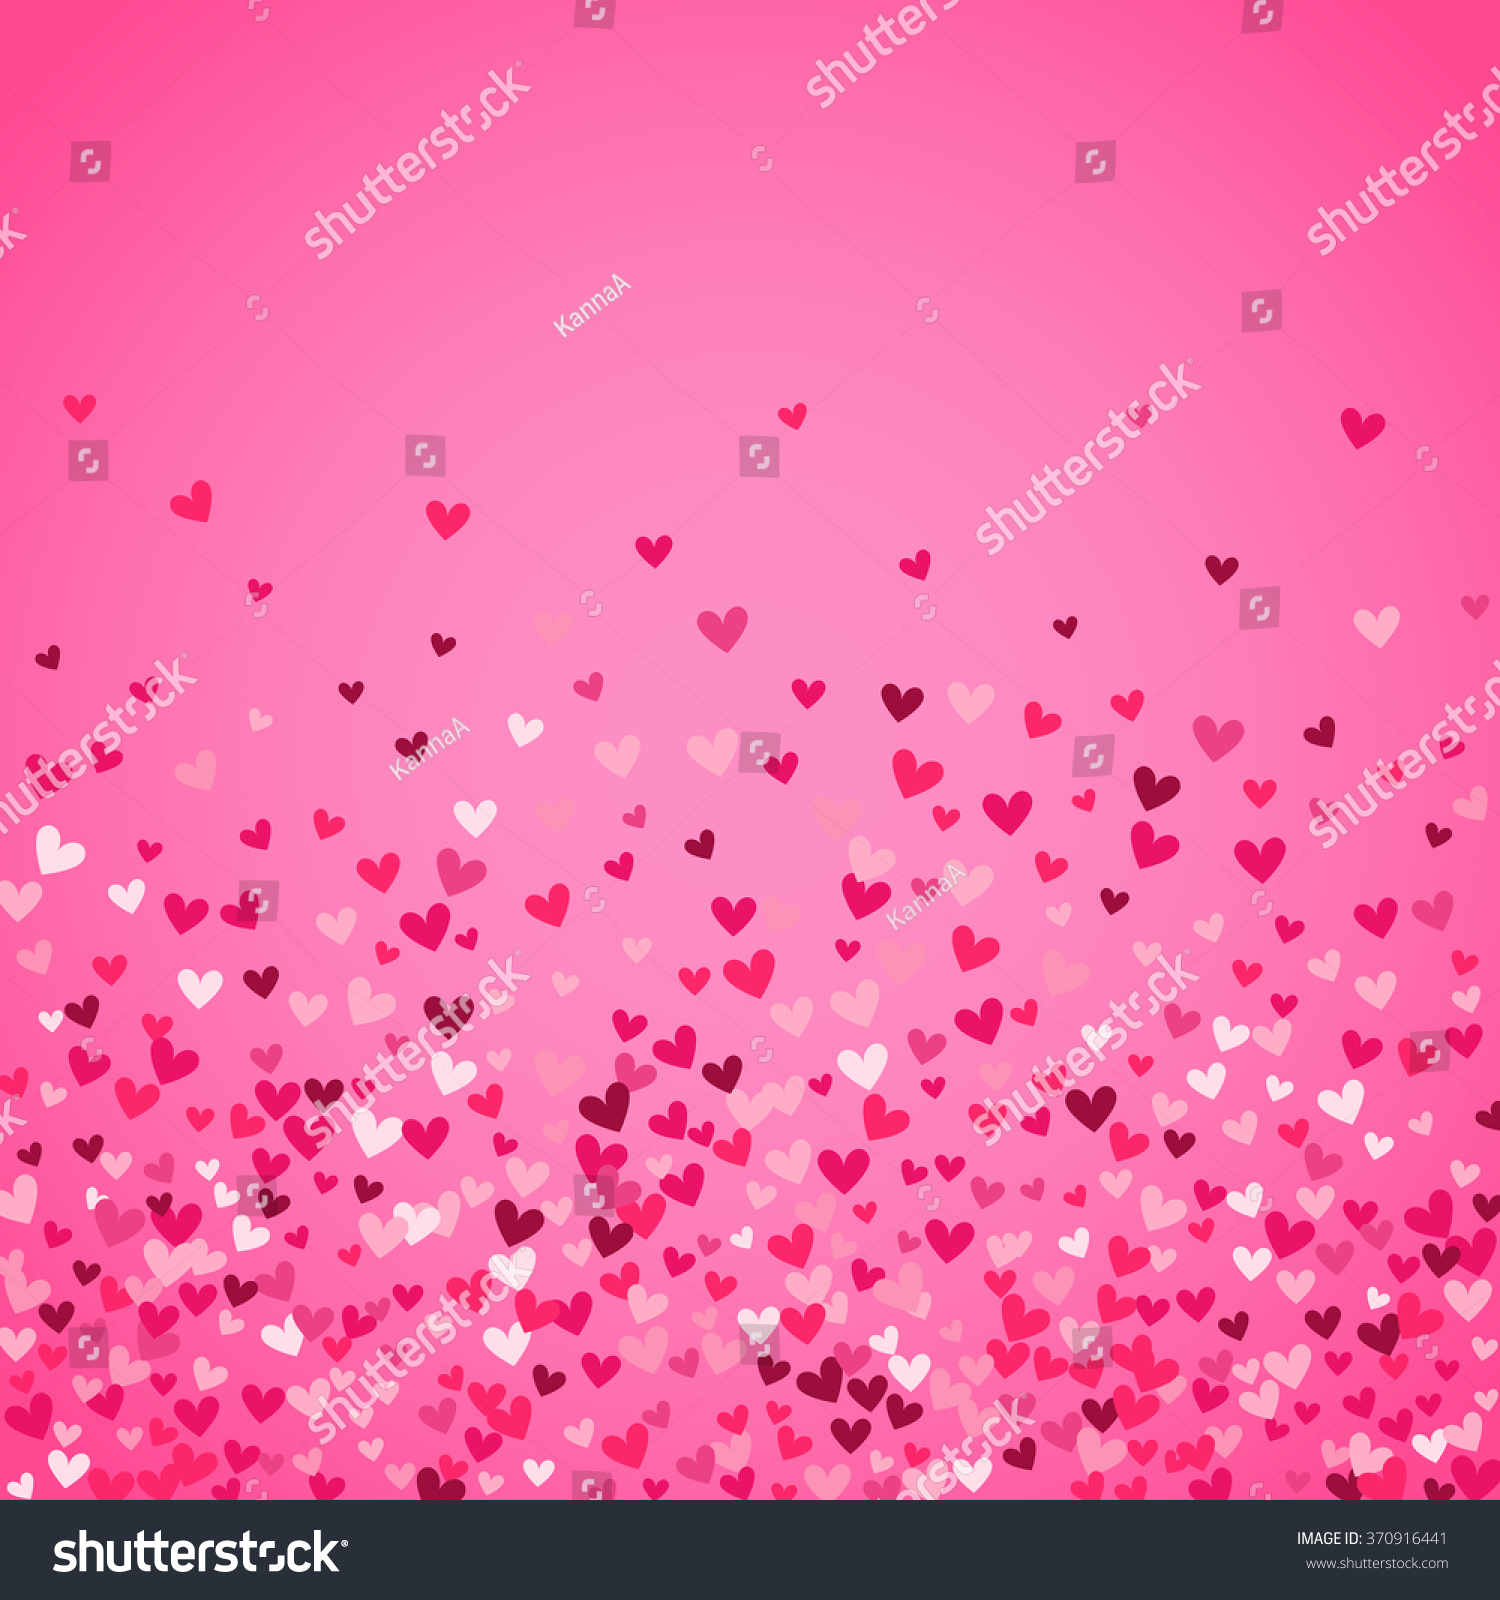 holiday hearts wallpaper vector - photo #7